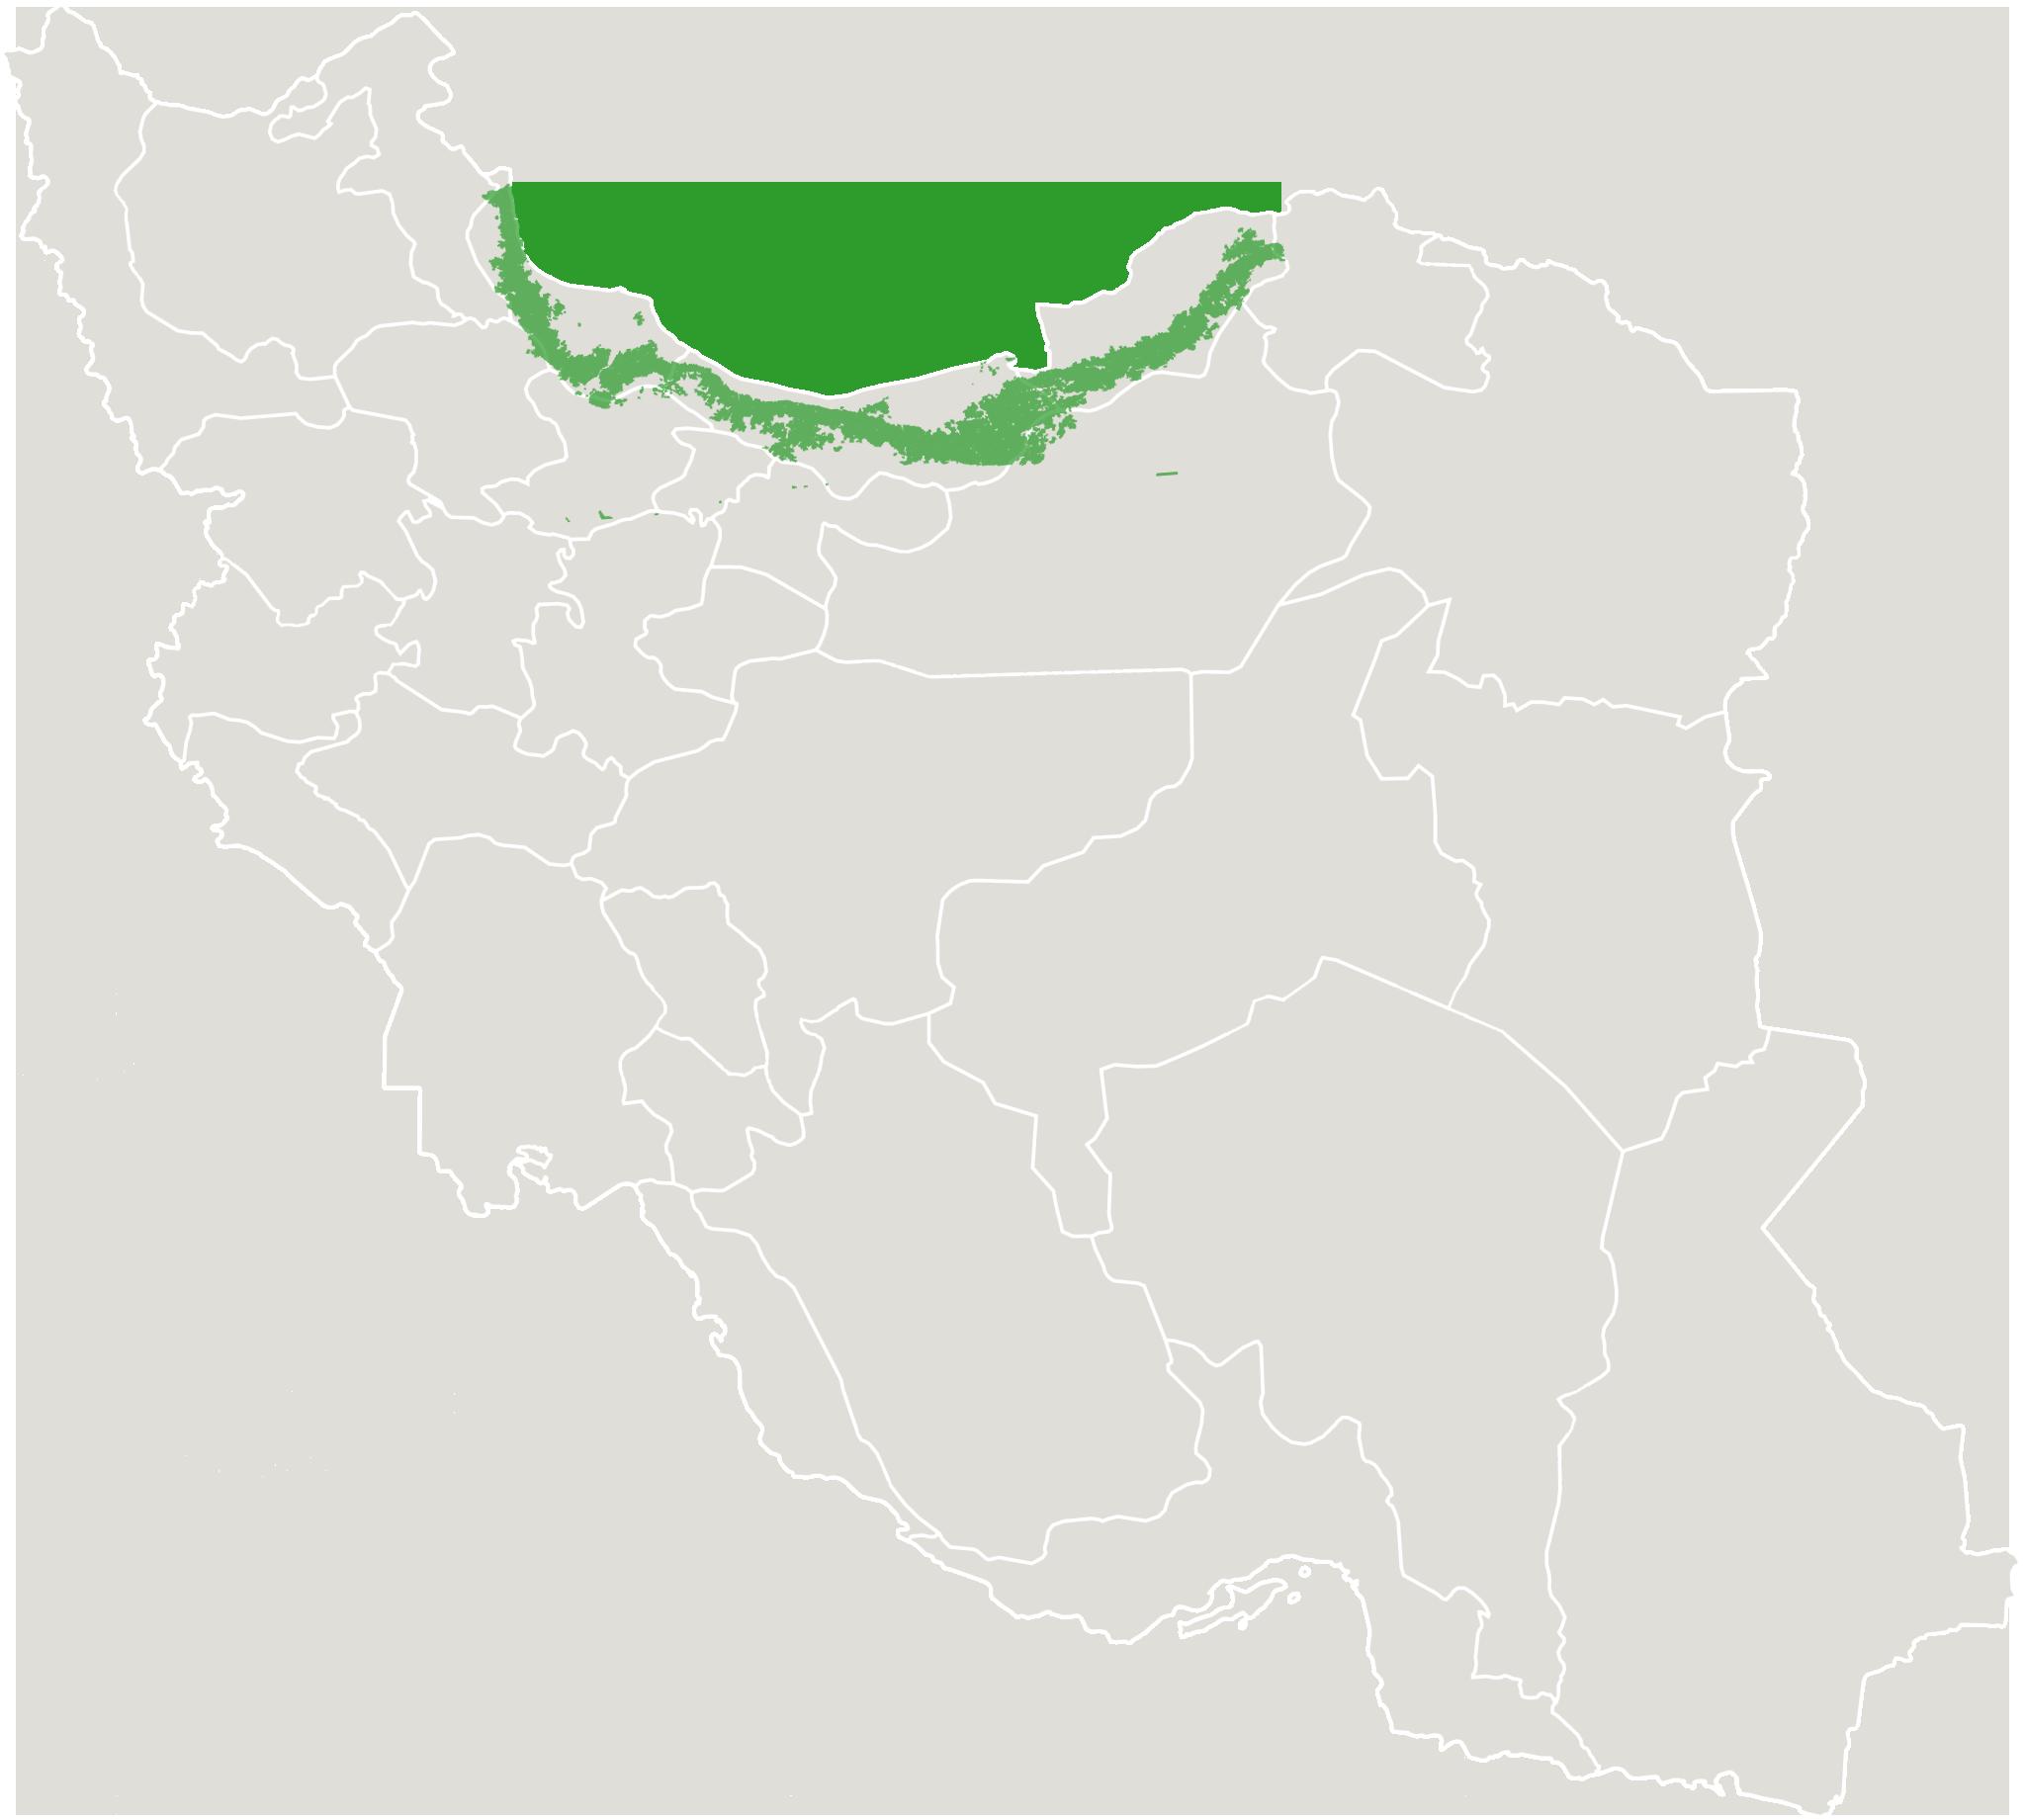 نقشه هیرکانی